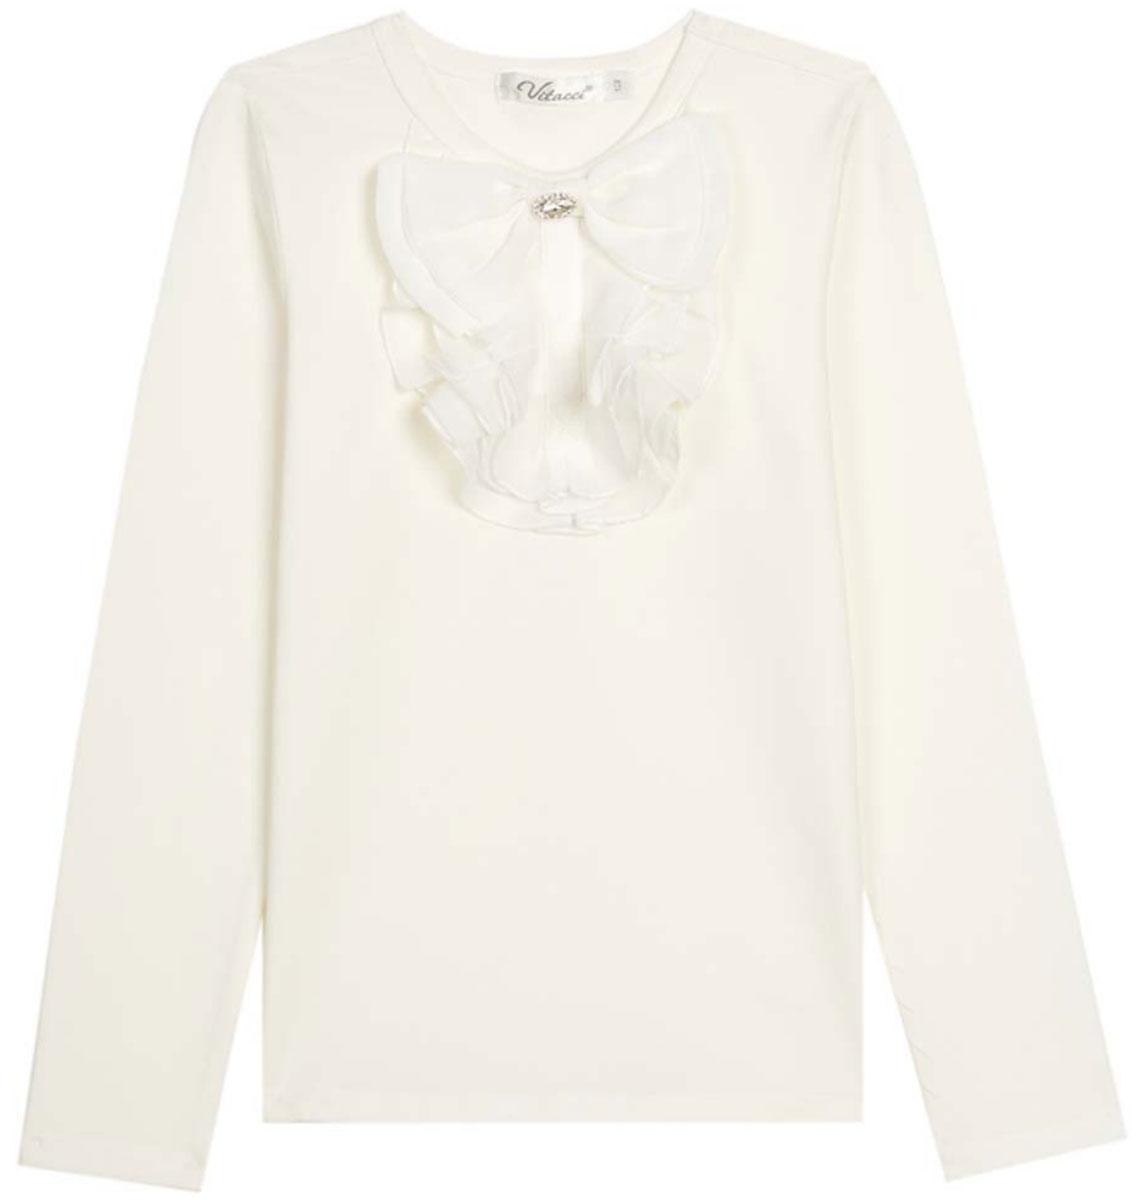 Блузка для девочки Vitacci, цвет: слоновая кость. 2173082-25. Размер 1342173082-25Школьная блузка для девочки от Vitacci выполнена из эластичного хлопкового трикотажа. Модель с длинными рукавами и круглым вырезом горловины на полочке оформлена жабо.